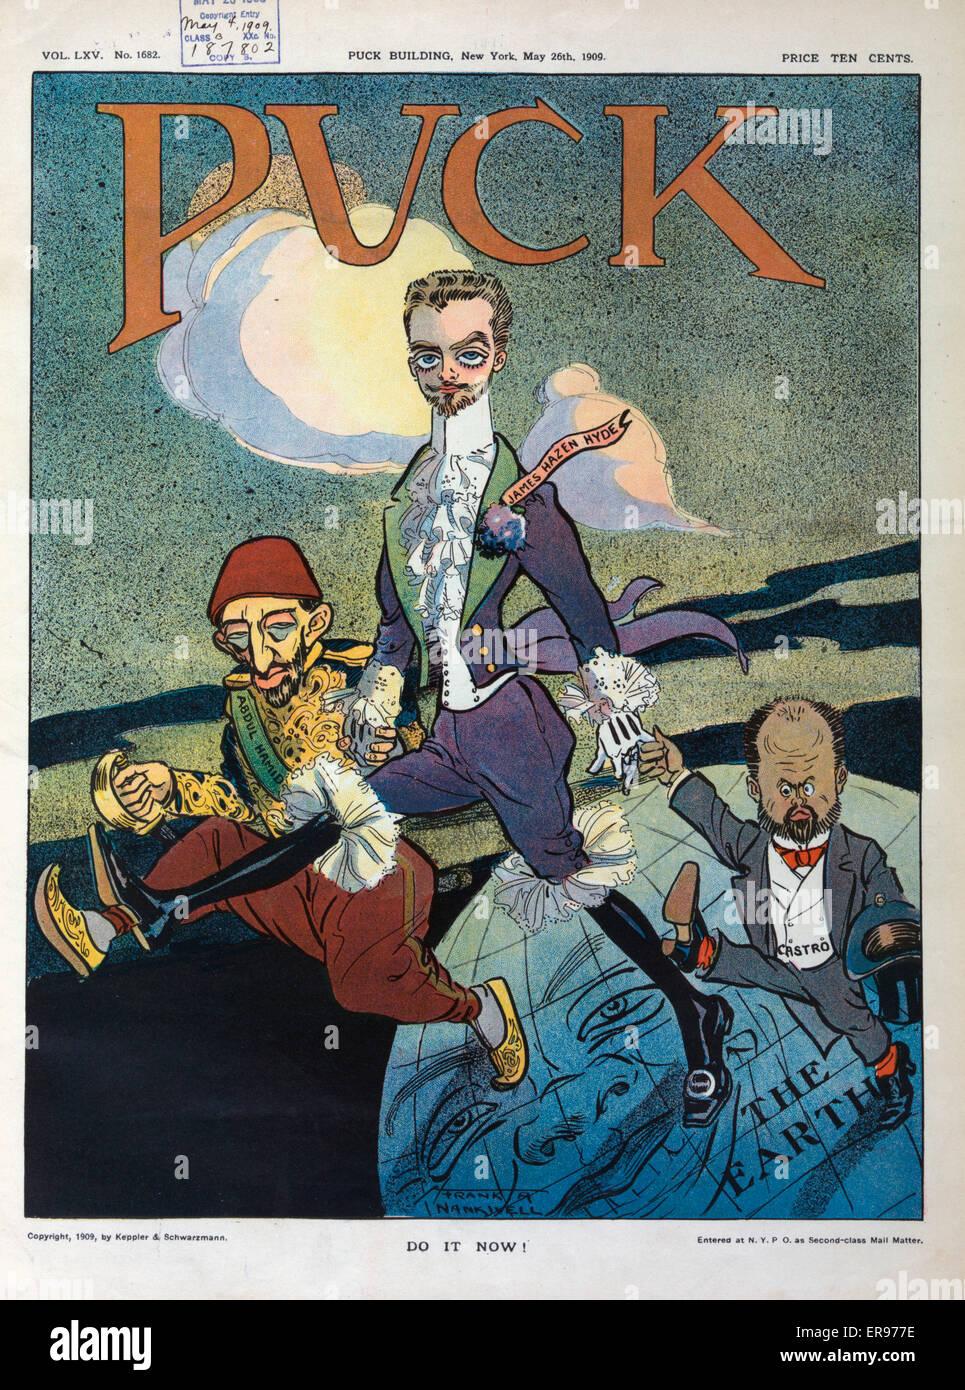 Puck Magazine Stockfotos & Puck Magazine Bilder - Seite 9 - Alamy